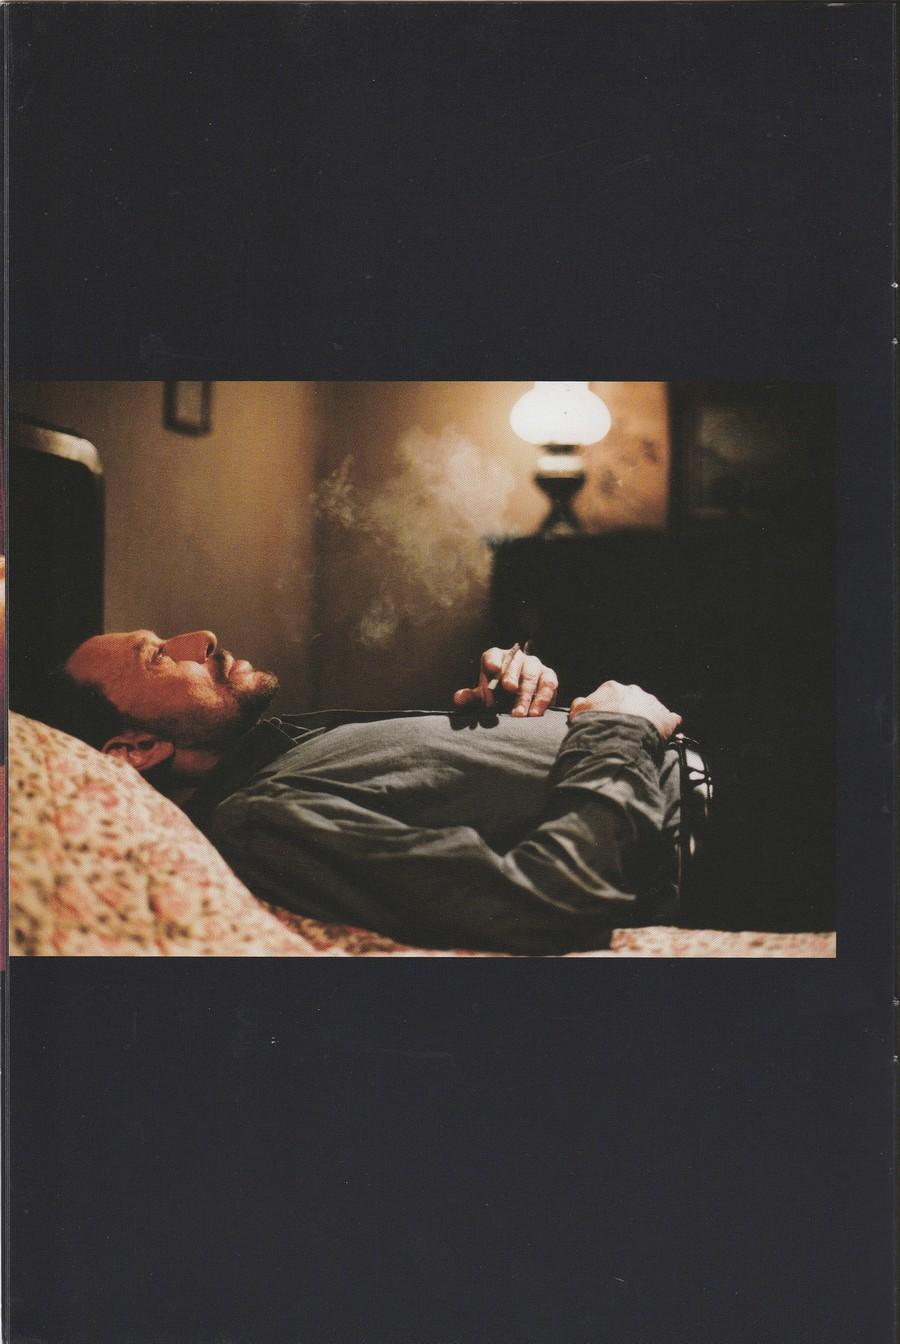 LES FILMS DE JOHNNY 'L'HOMME DU TRAIN' 2002 Img_2741